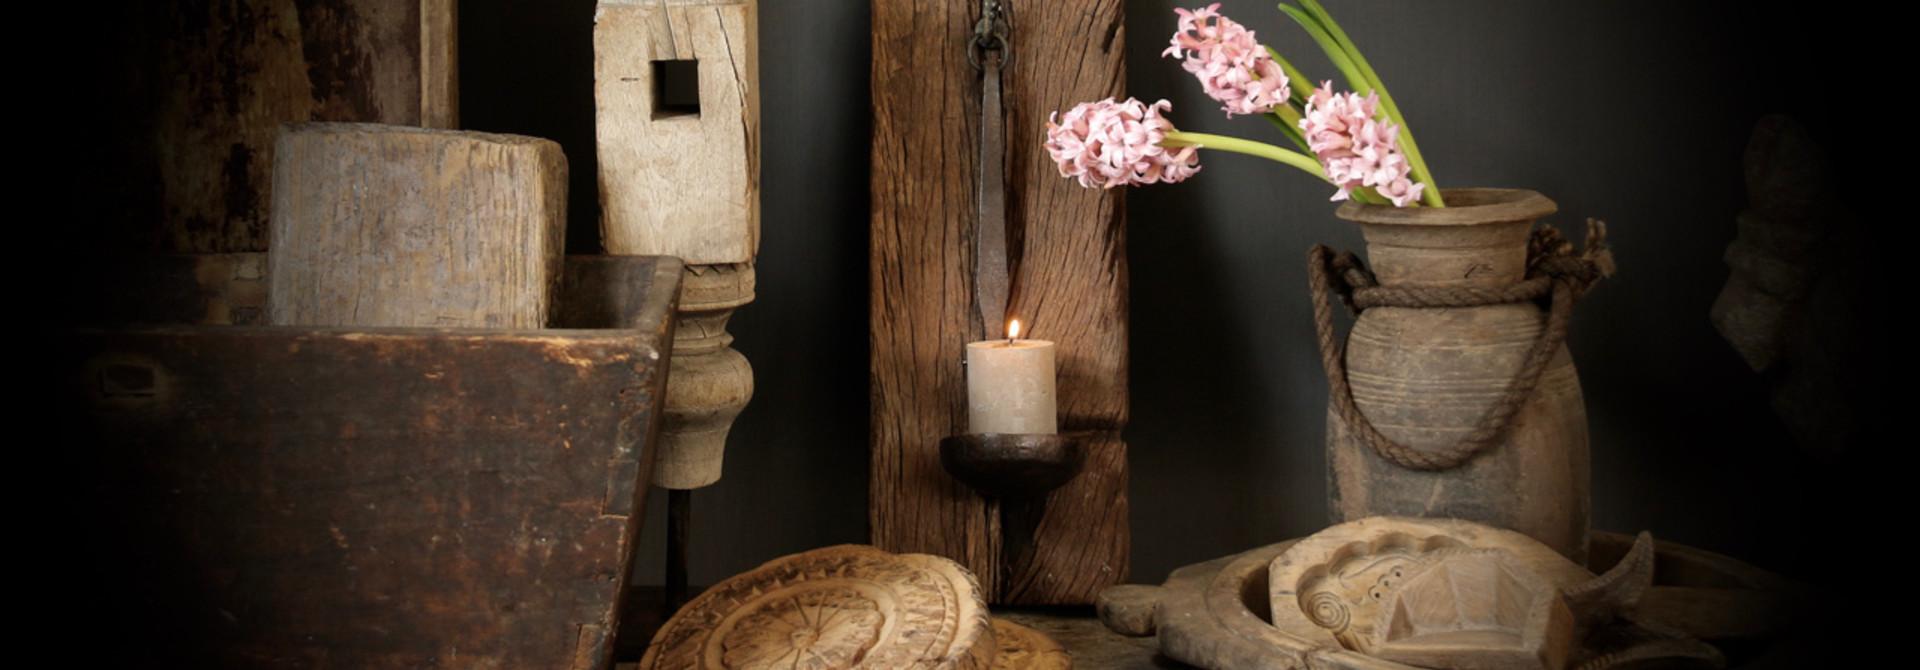 Holzdekorationen